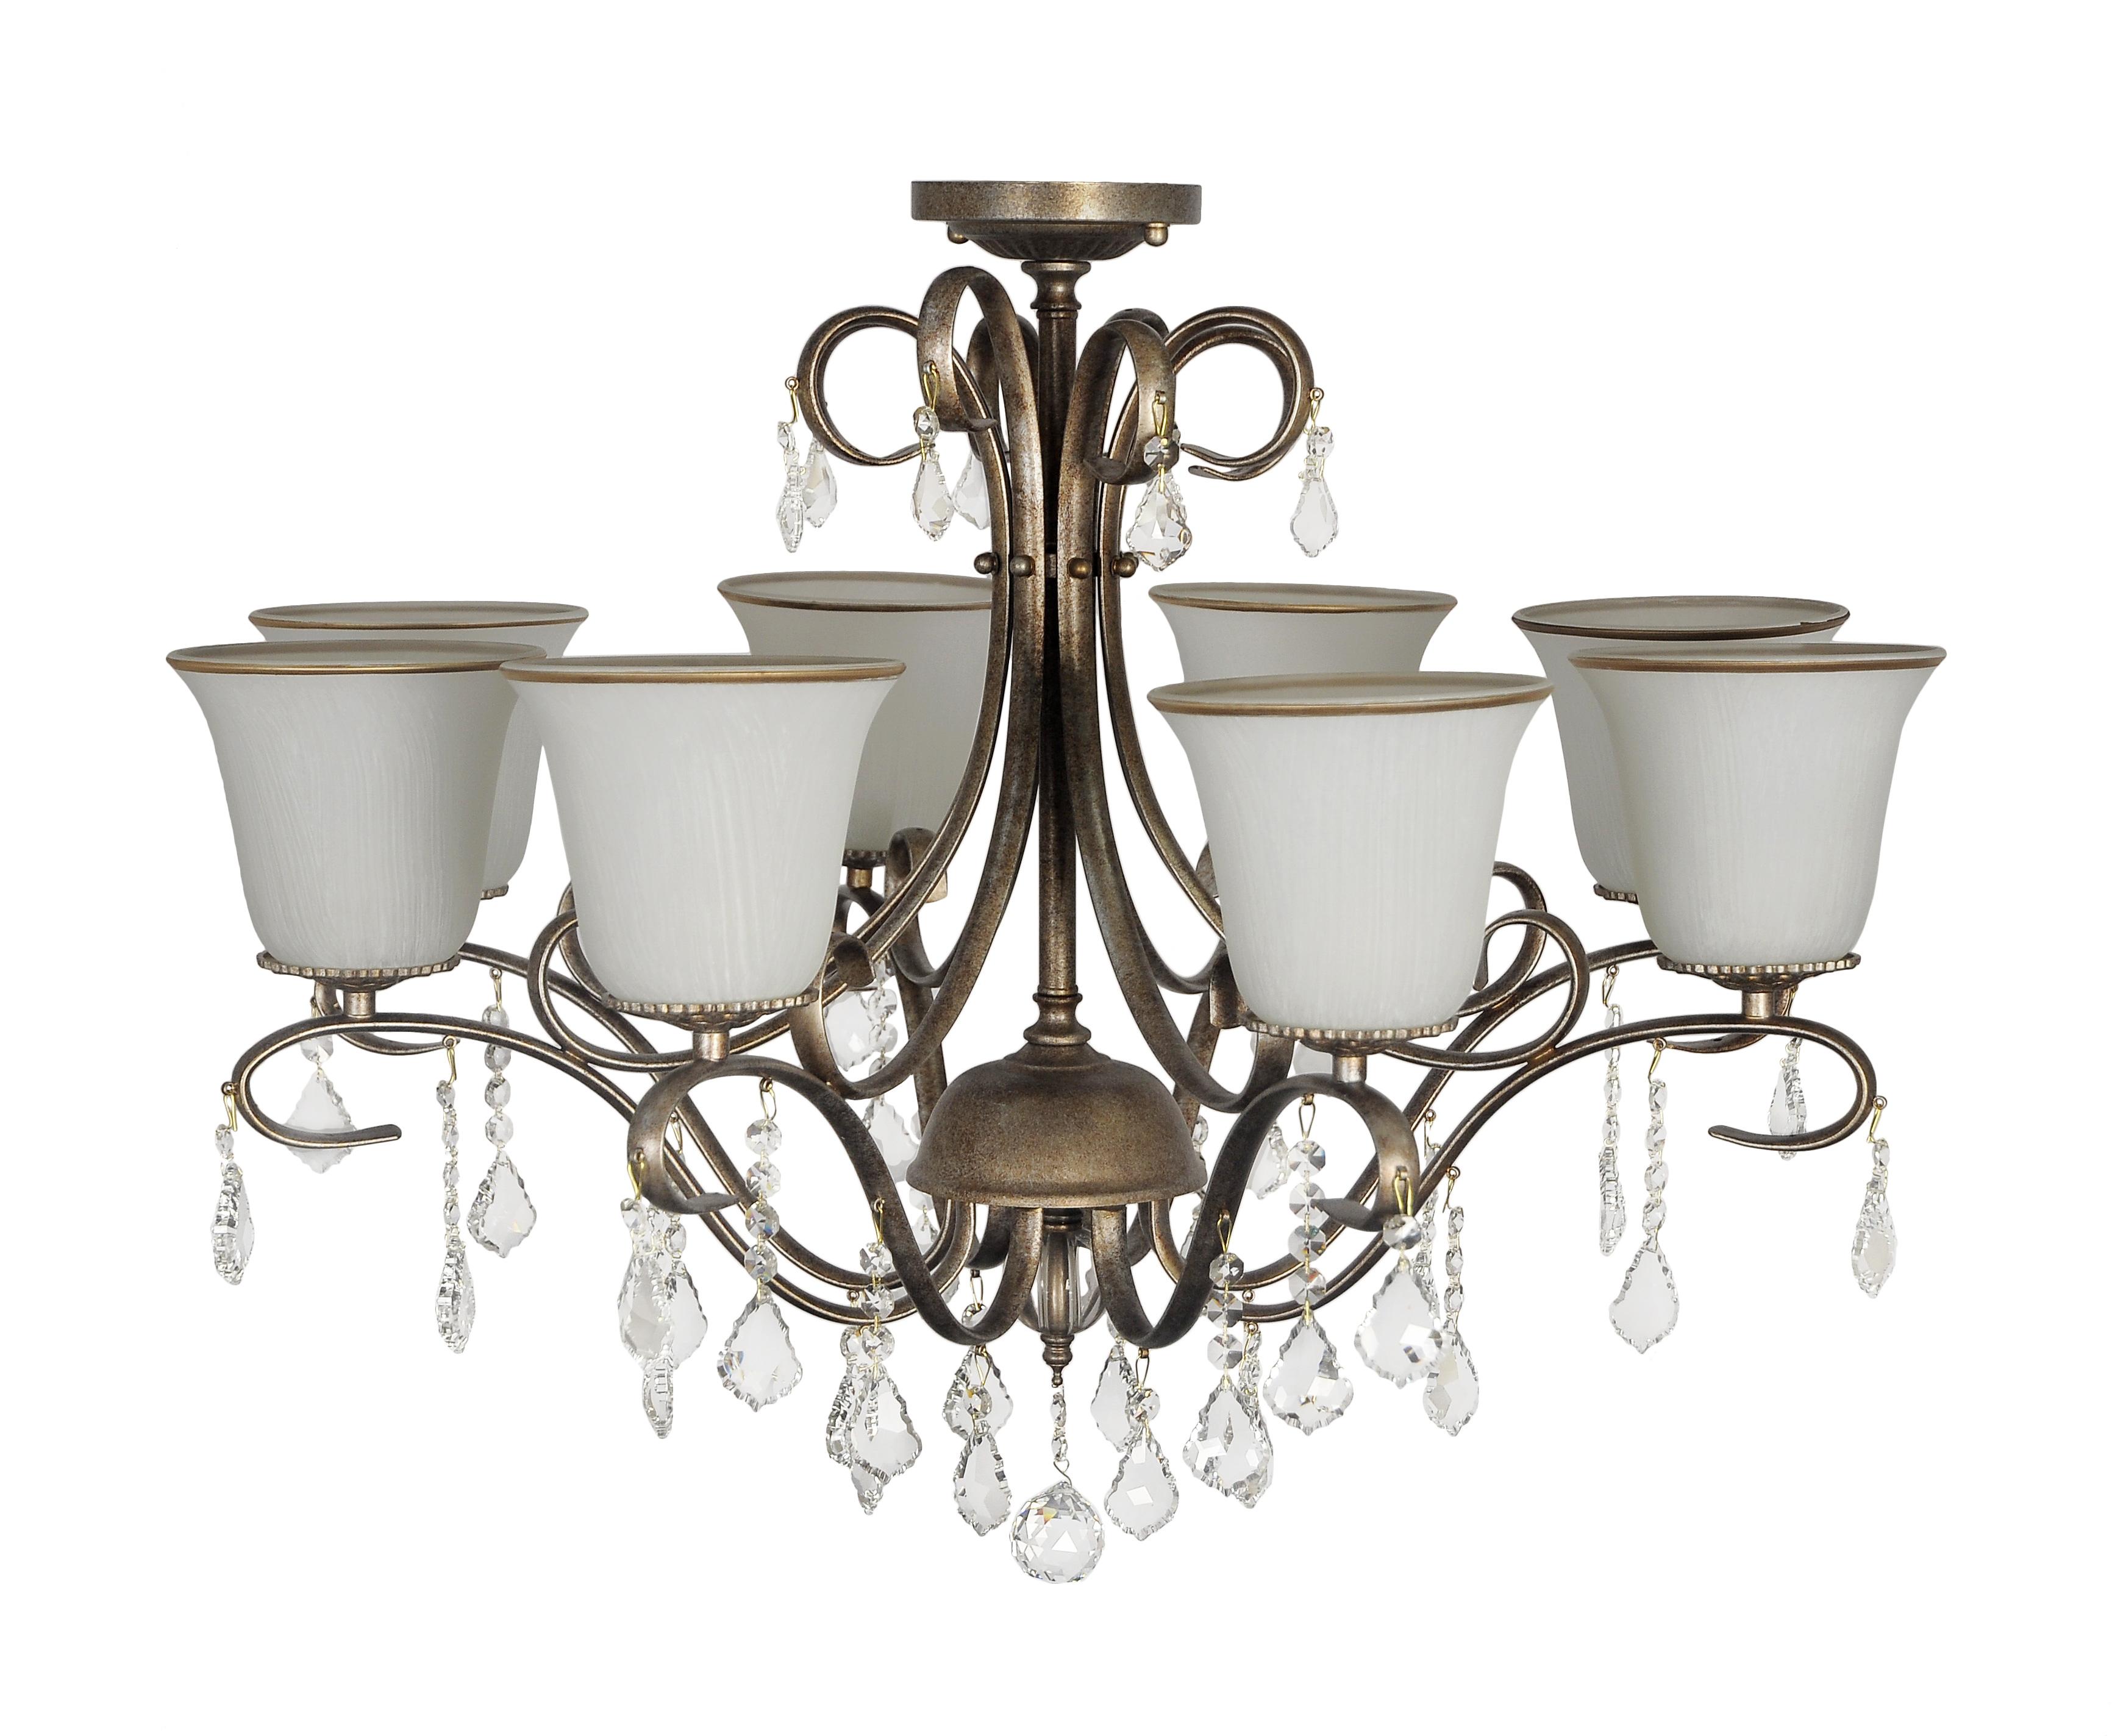 Люстра Arti lampadariЛюстры<br>Назначение светильника: для комнаты,<br>Стиль светильника: классика,<br>Материал плафона: стекло, хрусталь,<br>Материал арматуры: металл,<br>Диаметр: 600,<br>Высота: 700,<br>Количество ламп: 8,<br>Тип лампы: накаливания,<br>Мощность: 60,<br>Патрон: Е27,<br>Цвет арматуры: золото<br>